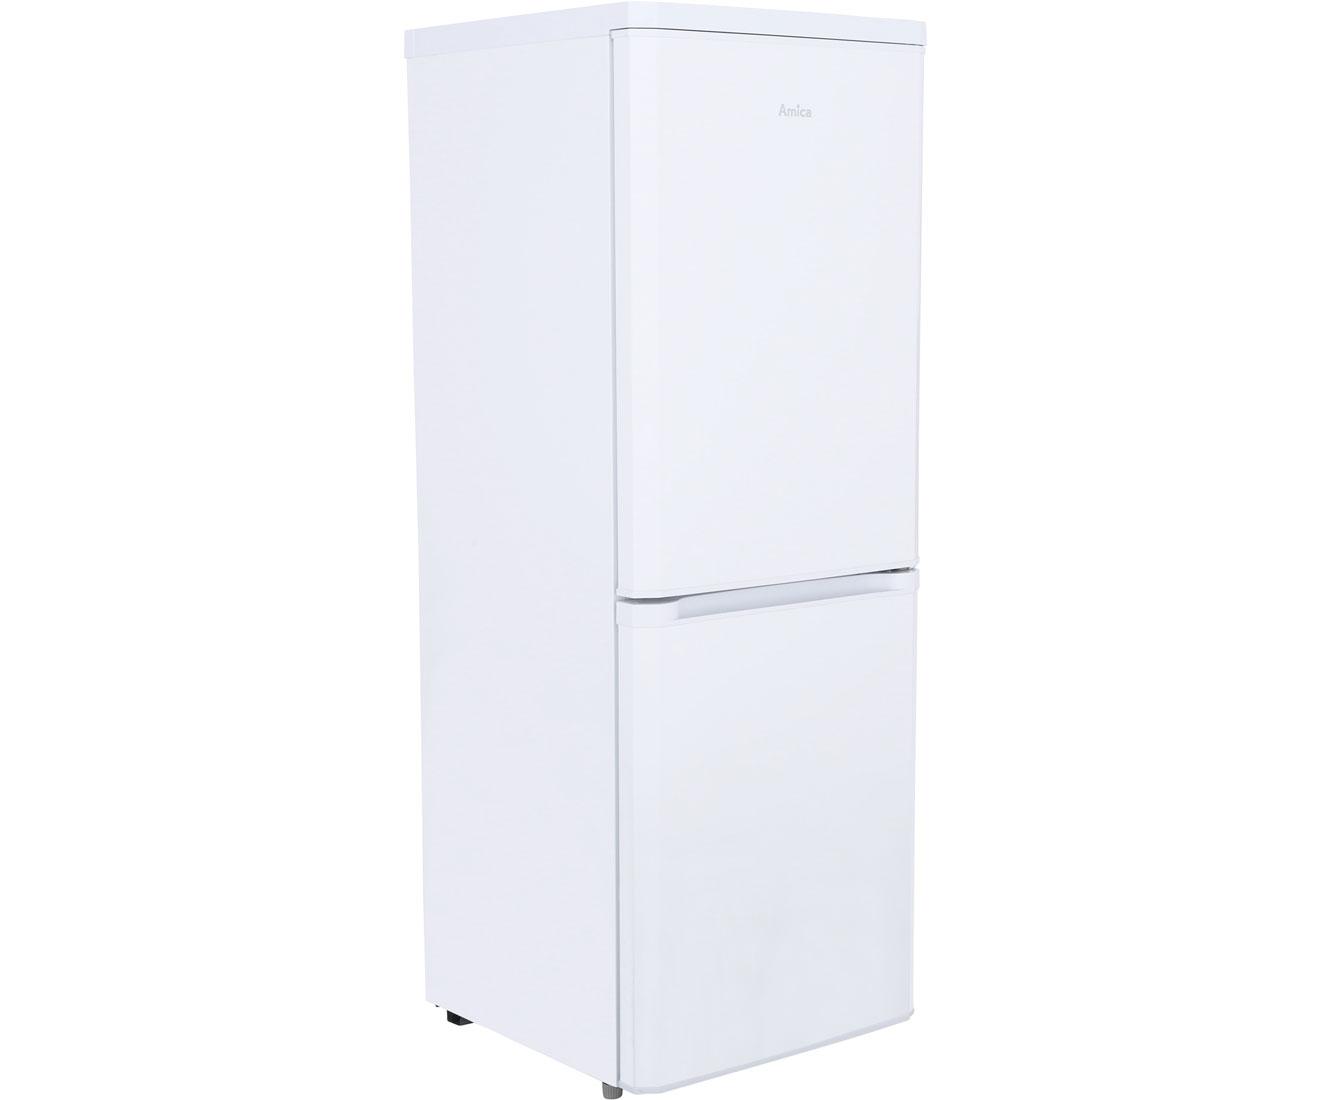 Amica Kühlschrank Seriennummer : Amica kgc w kühl gefrierkombination er breite weiß a